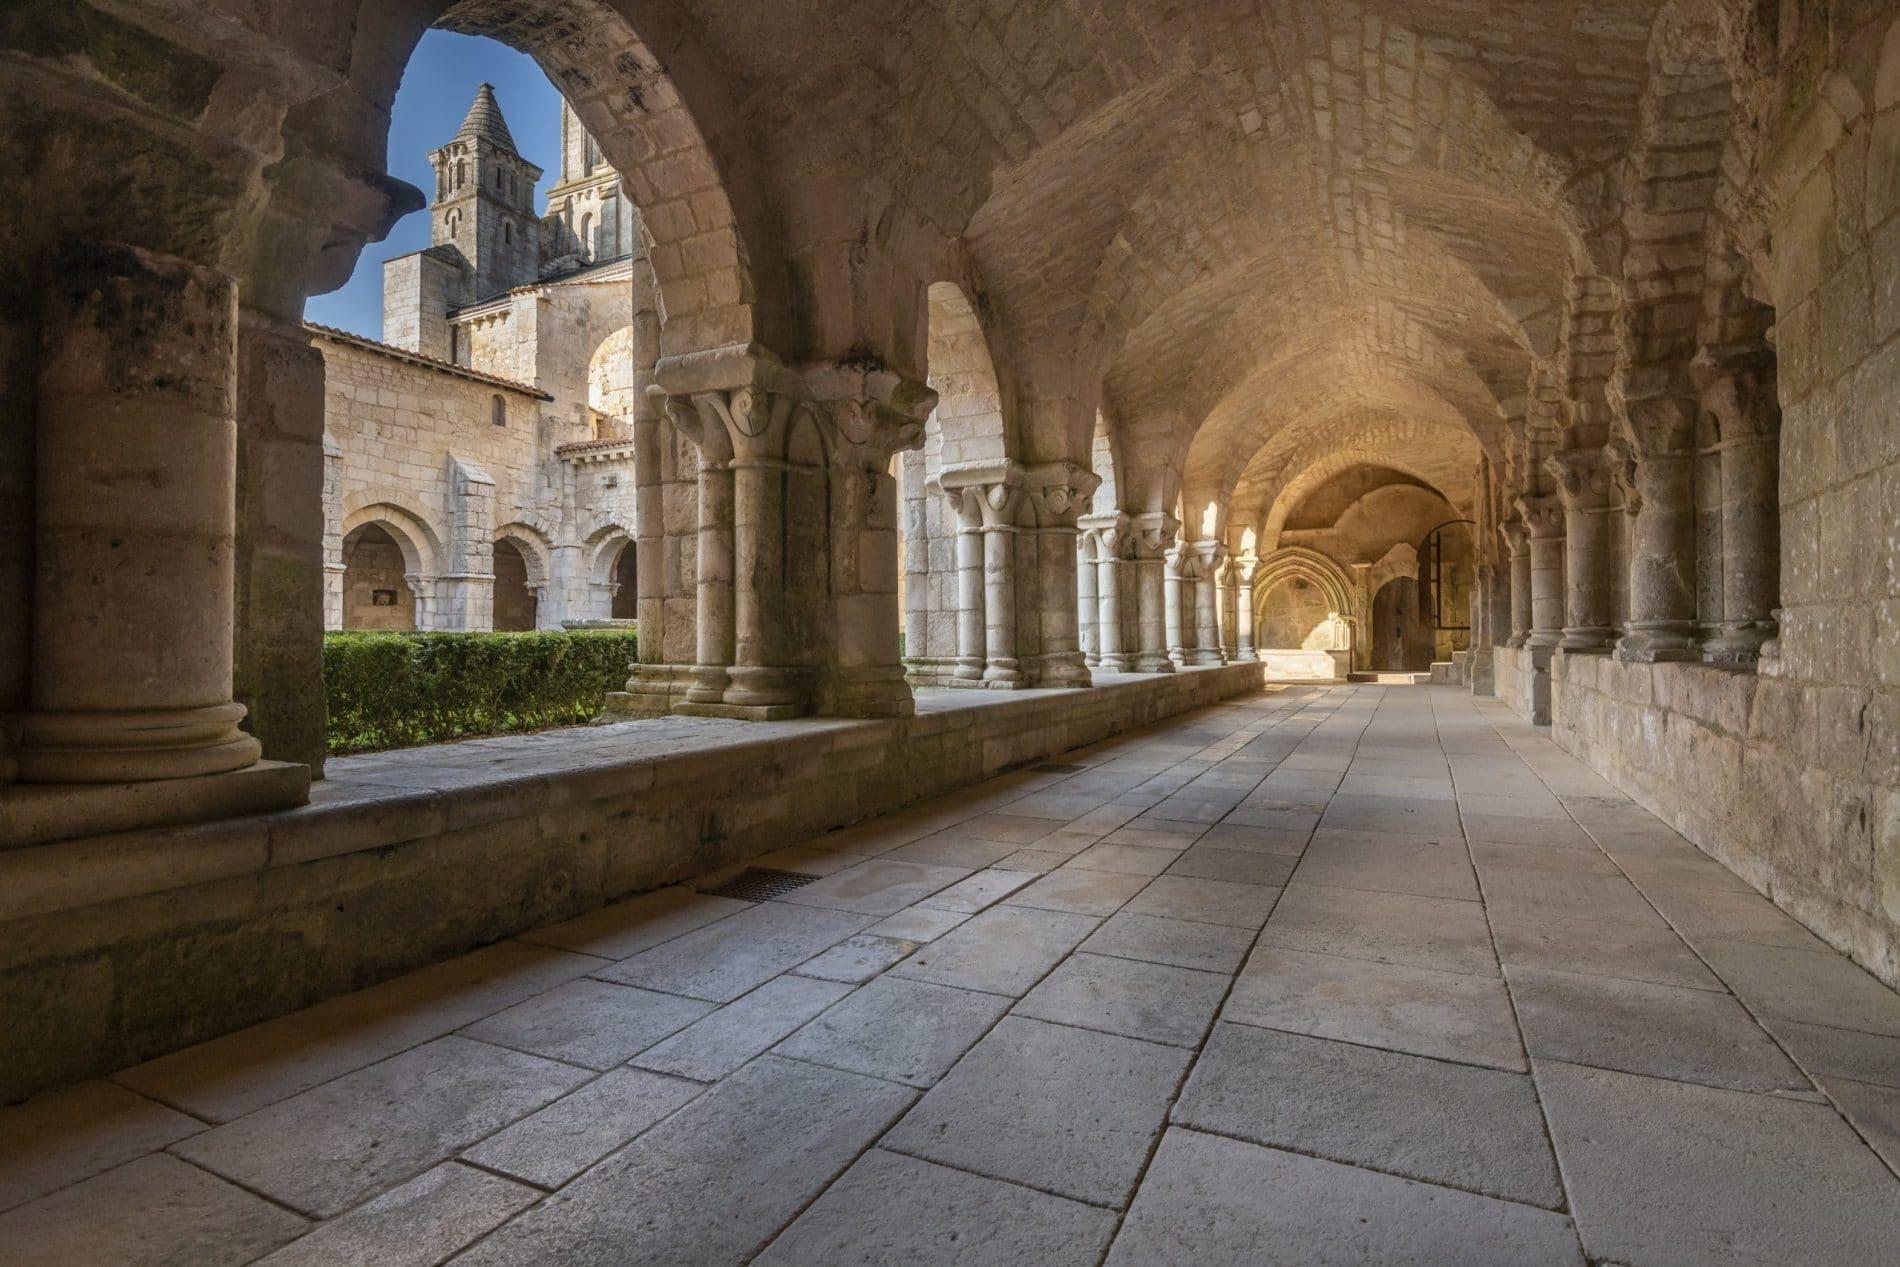 Cloitre de l'Abbaye de Nieul-sur-l'Autise ©Julien Gazeau